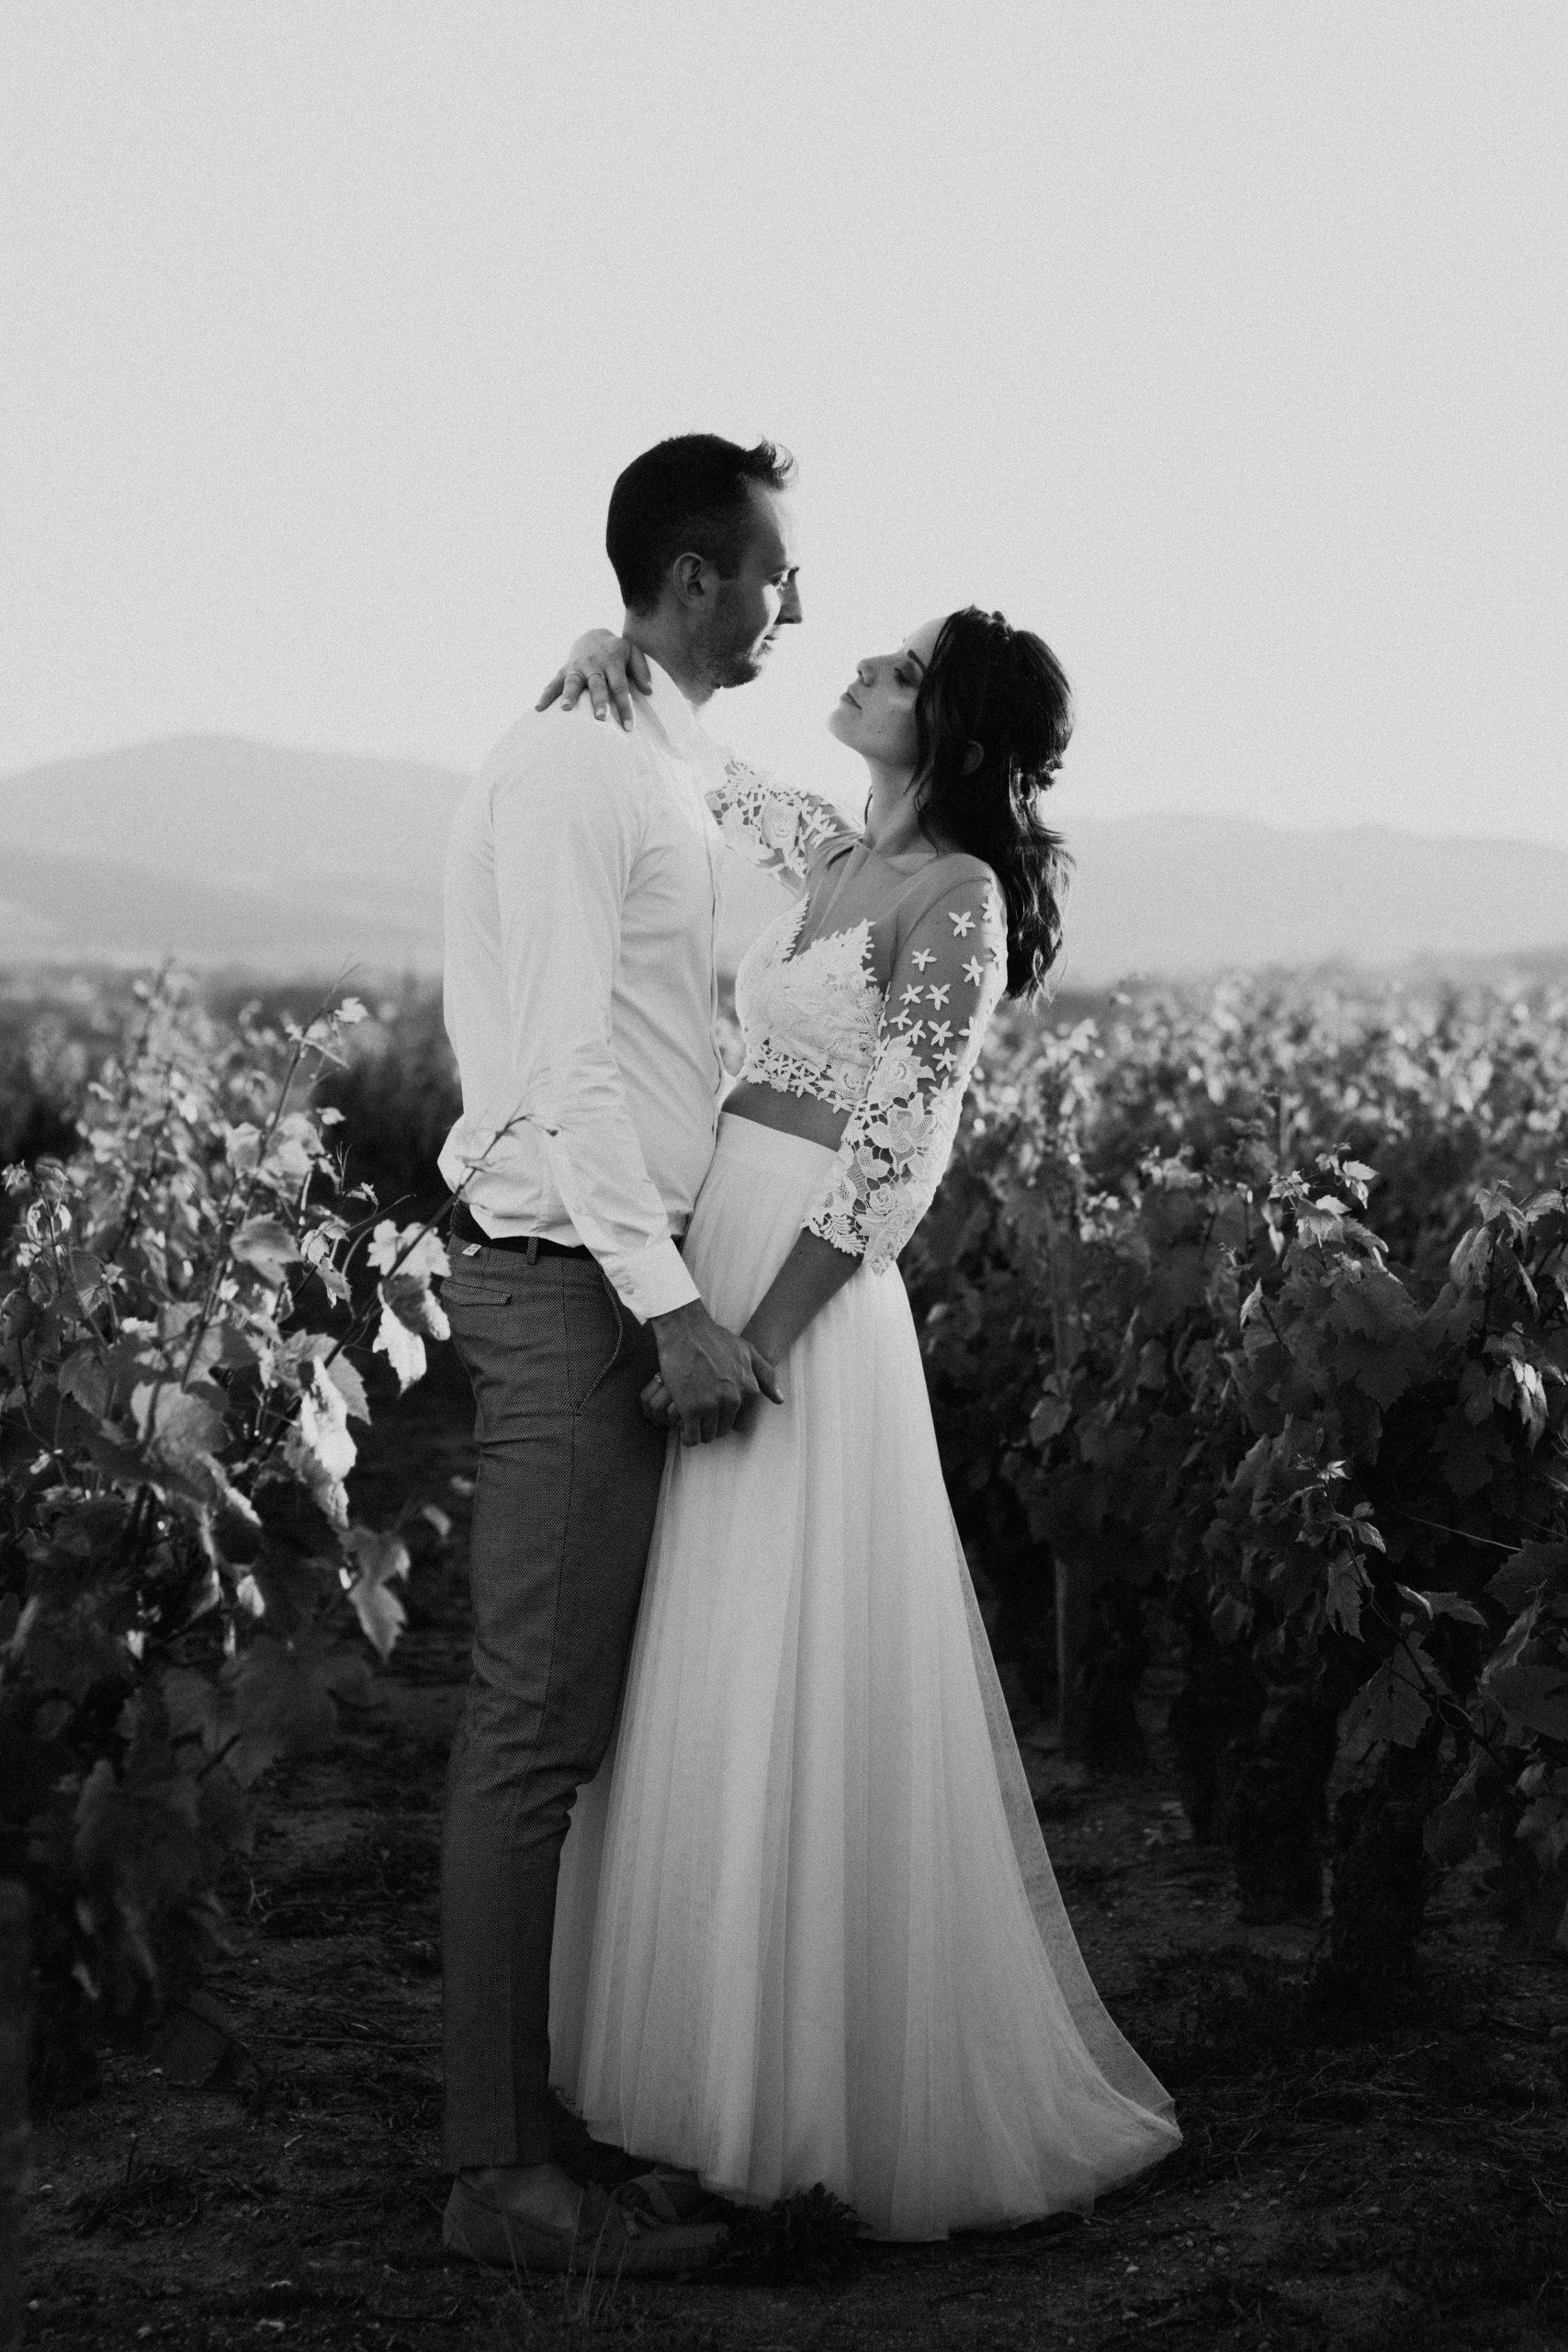 UtopicLovers film photo Mariage Elopement 2019 10 1 scaled - Une fugue amoureuse dans les champs de blé à 1h de Lyon.